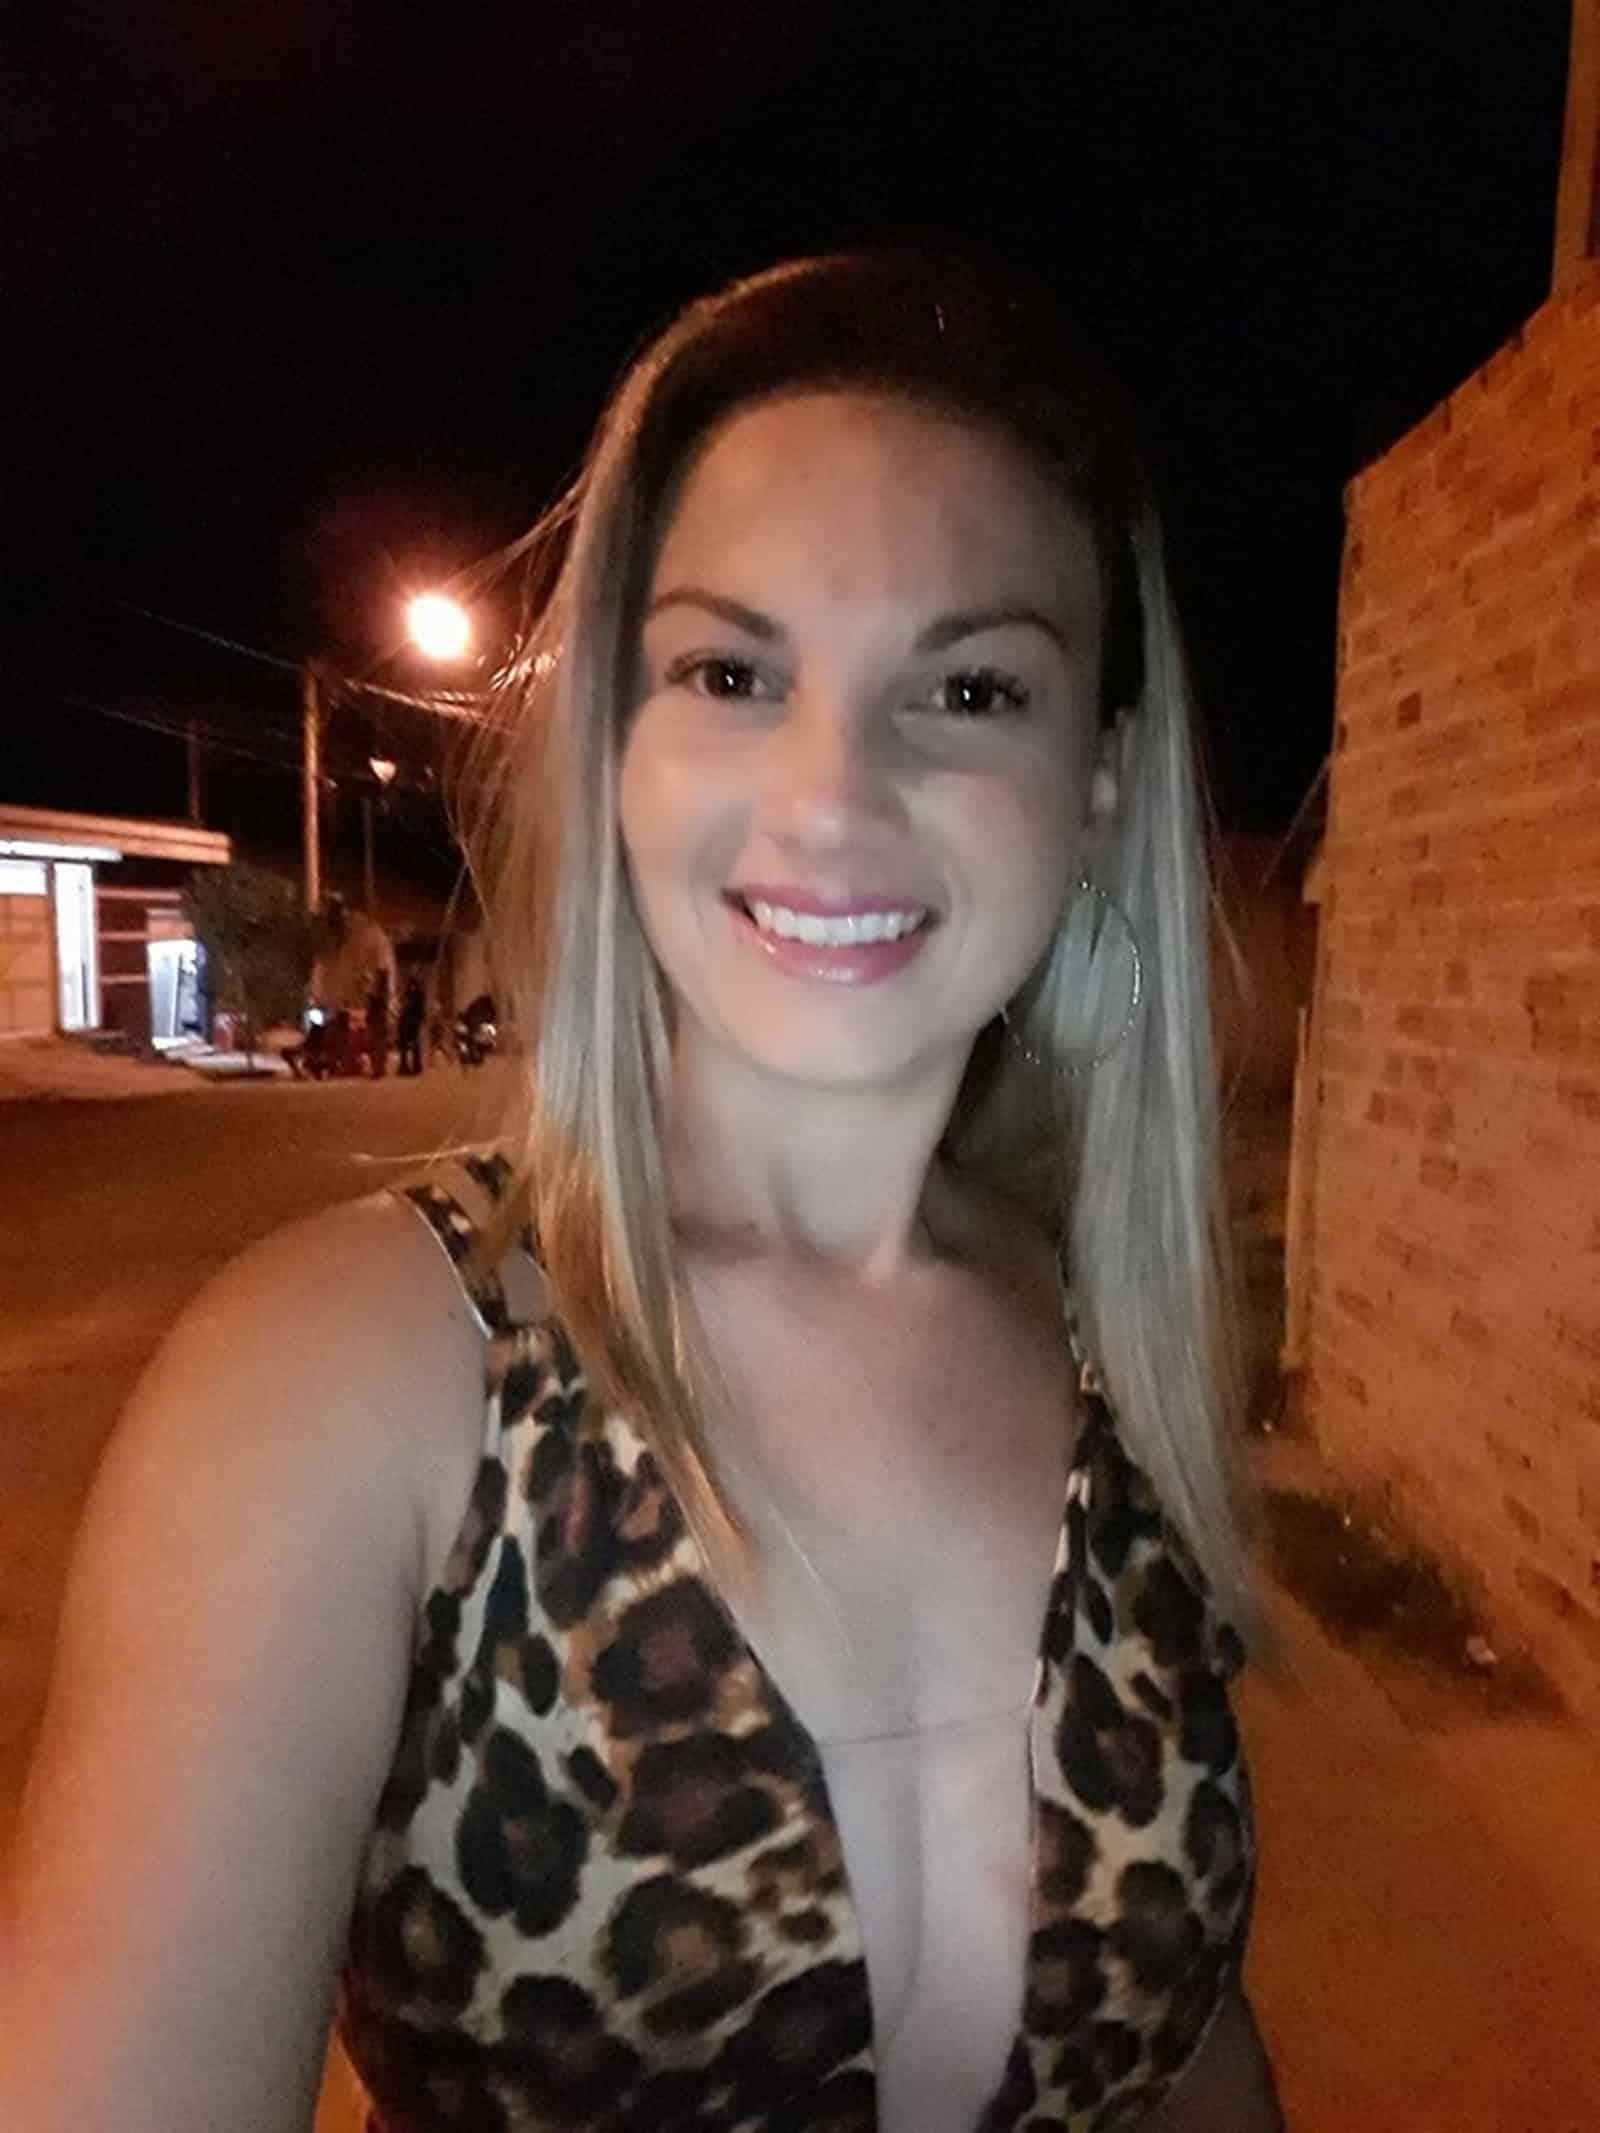 Michele foi enterrada nesta segunda-feira (4) no Cemitério da Saudade em Marília — Foto: Facebook/Reprodução